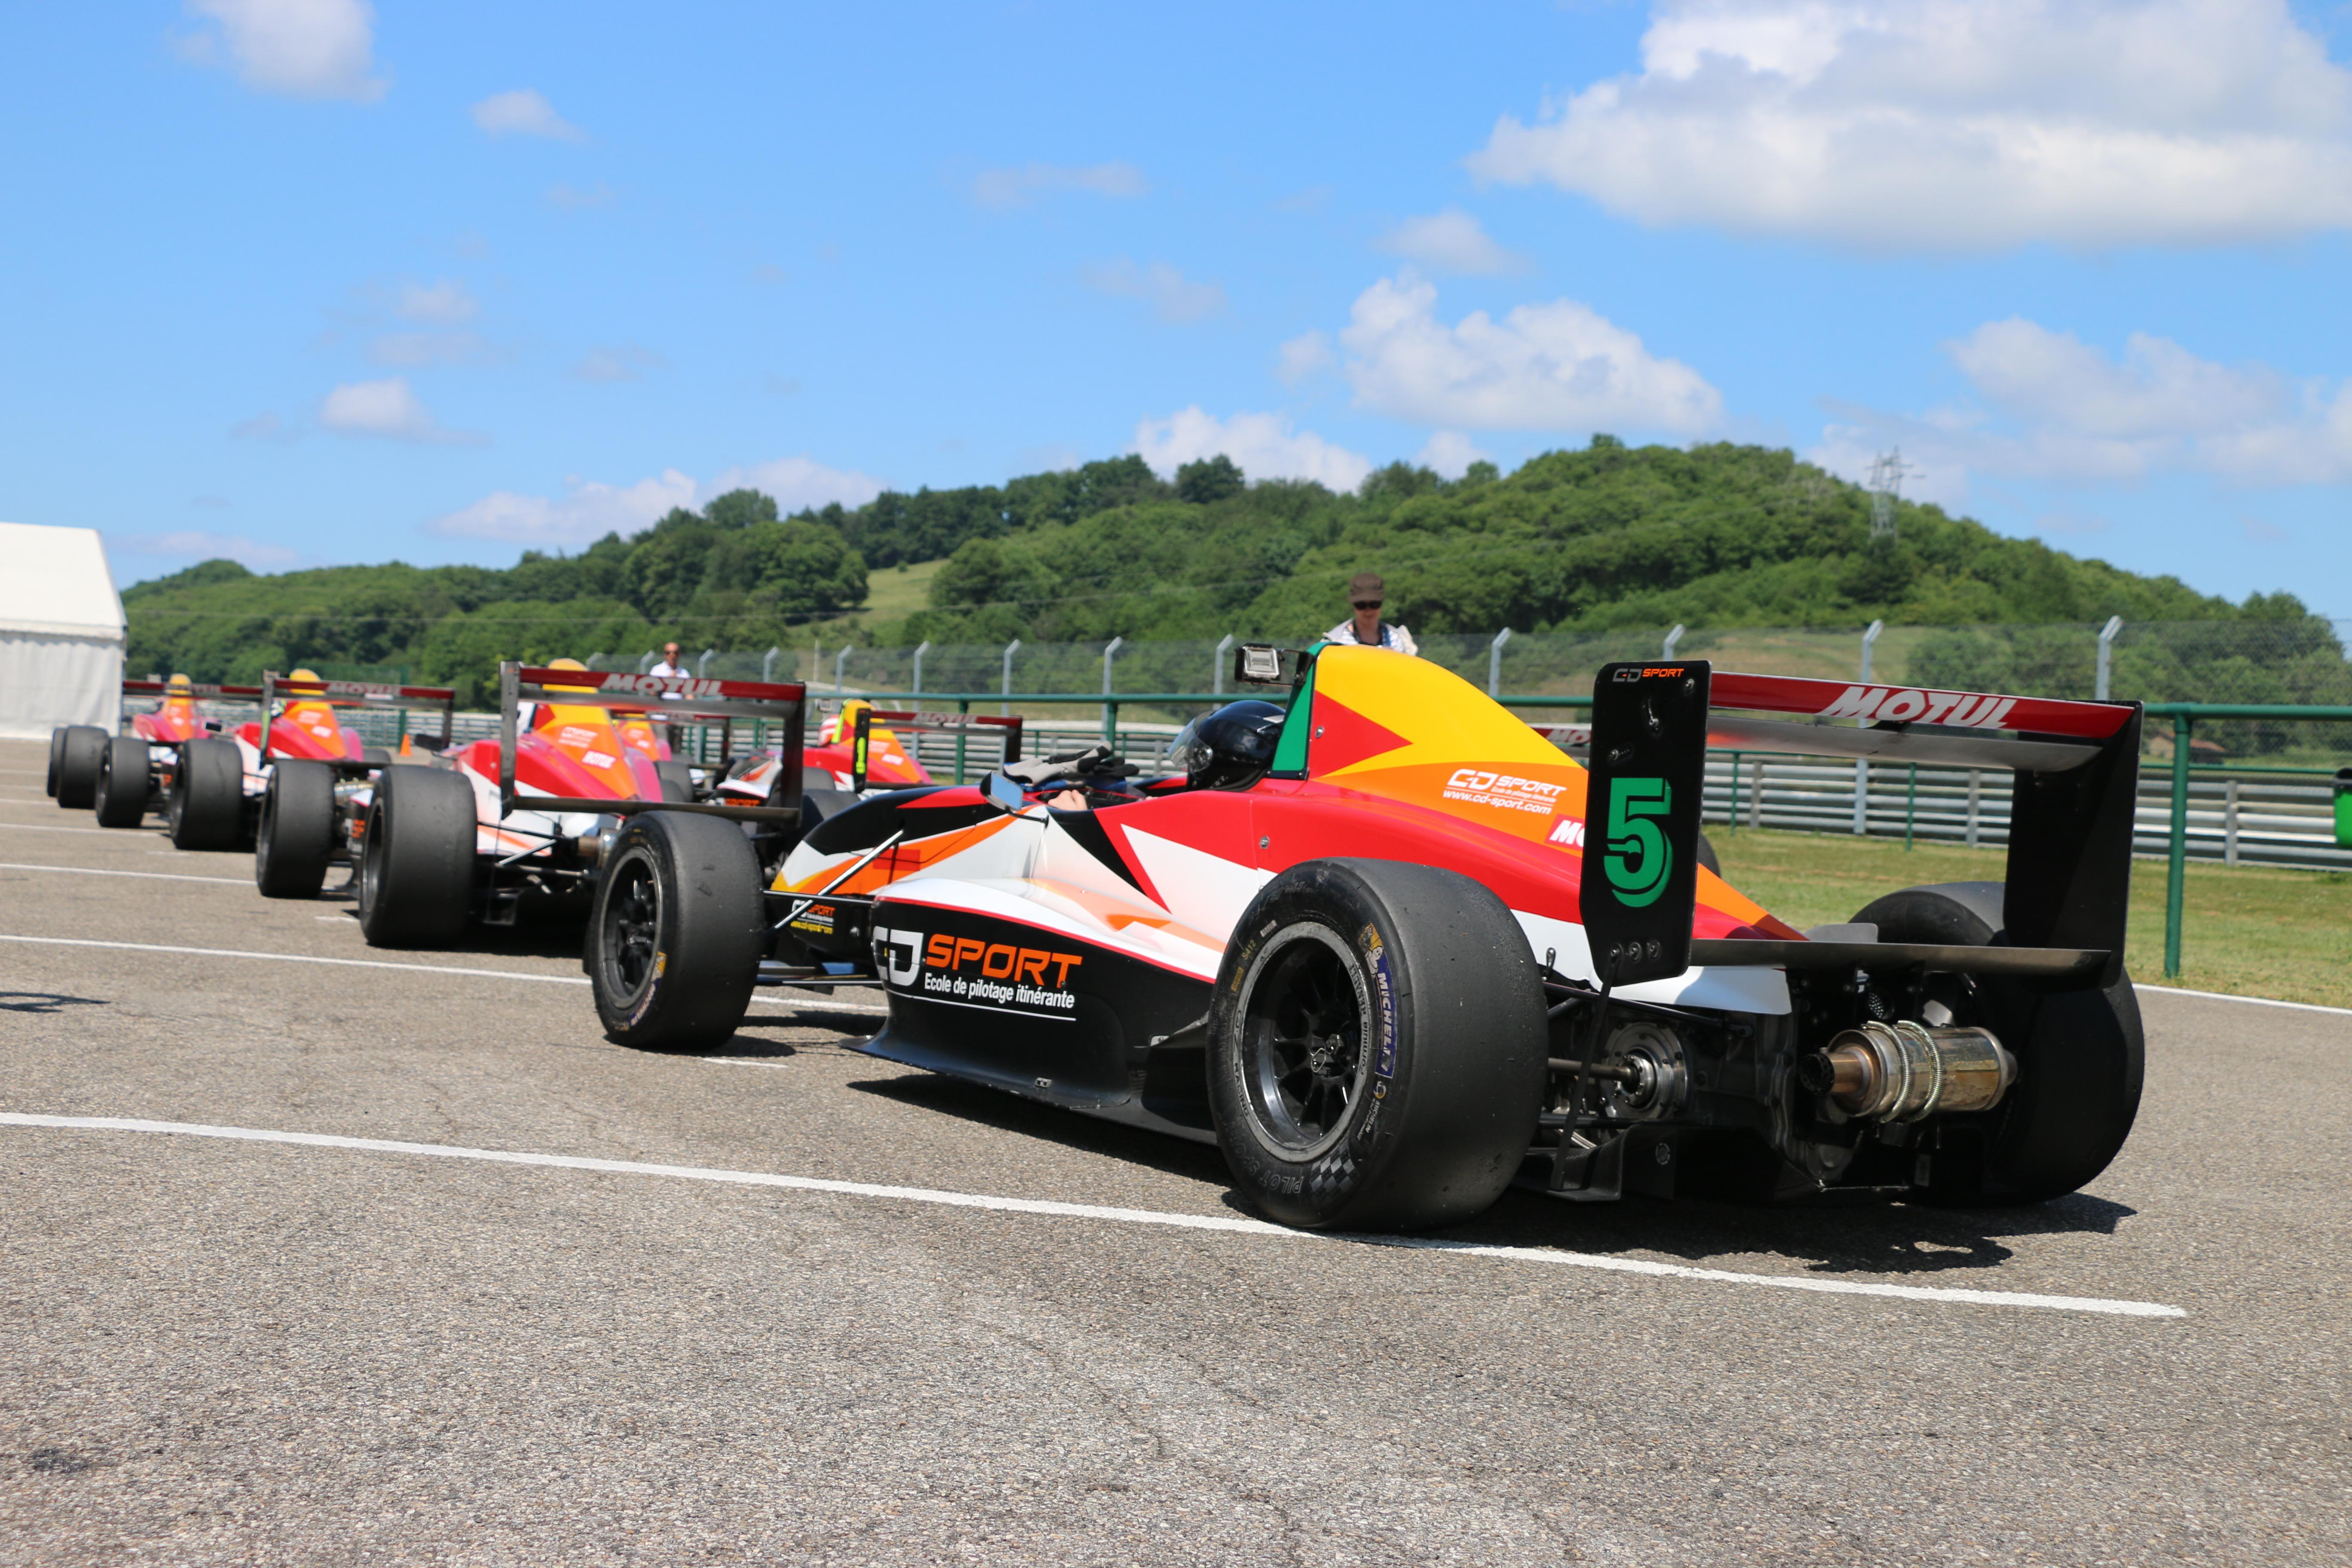 CD Sport, monoplace, formule renault, circuit, stage de pilotage, concours, circuit du laquais